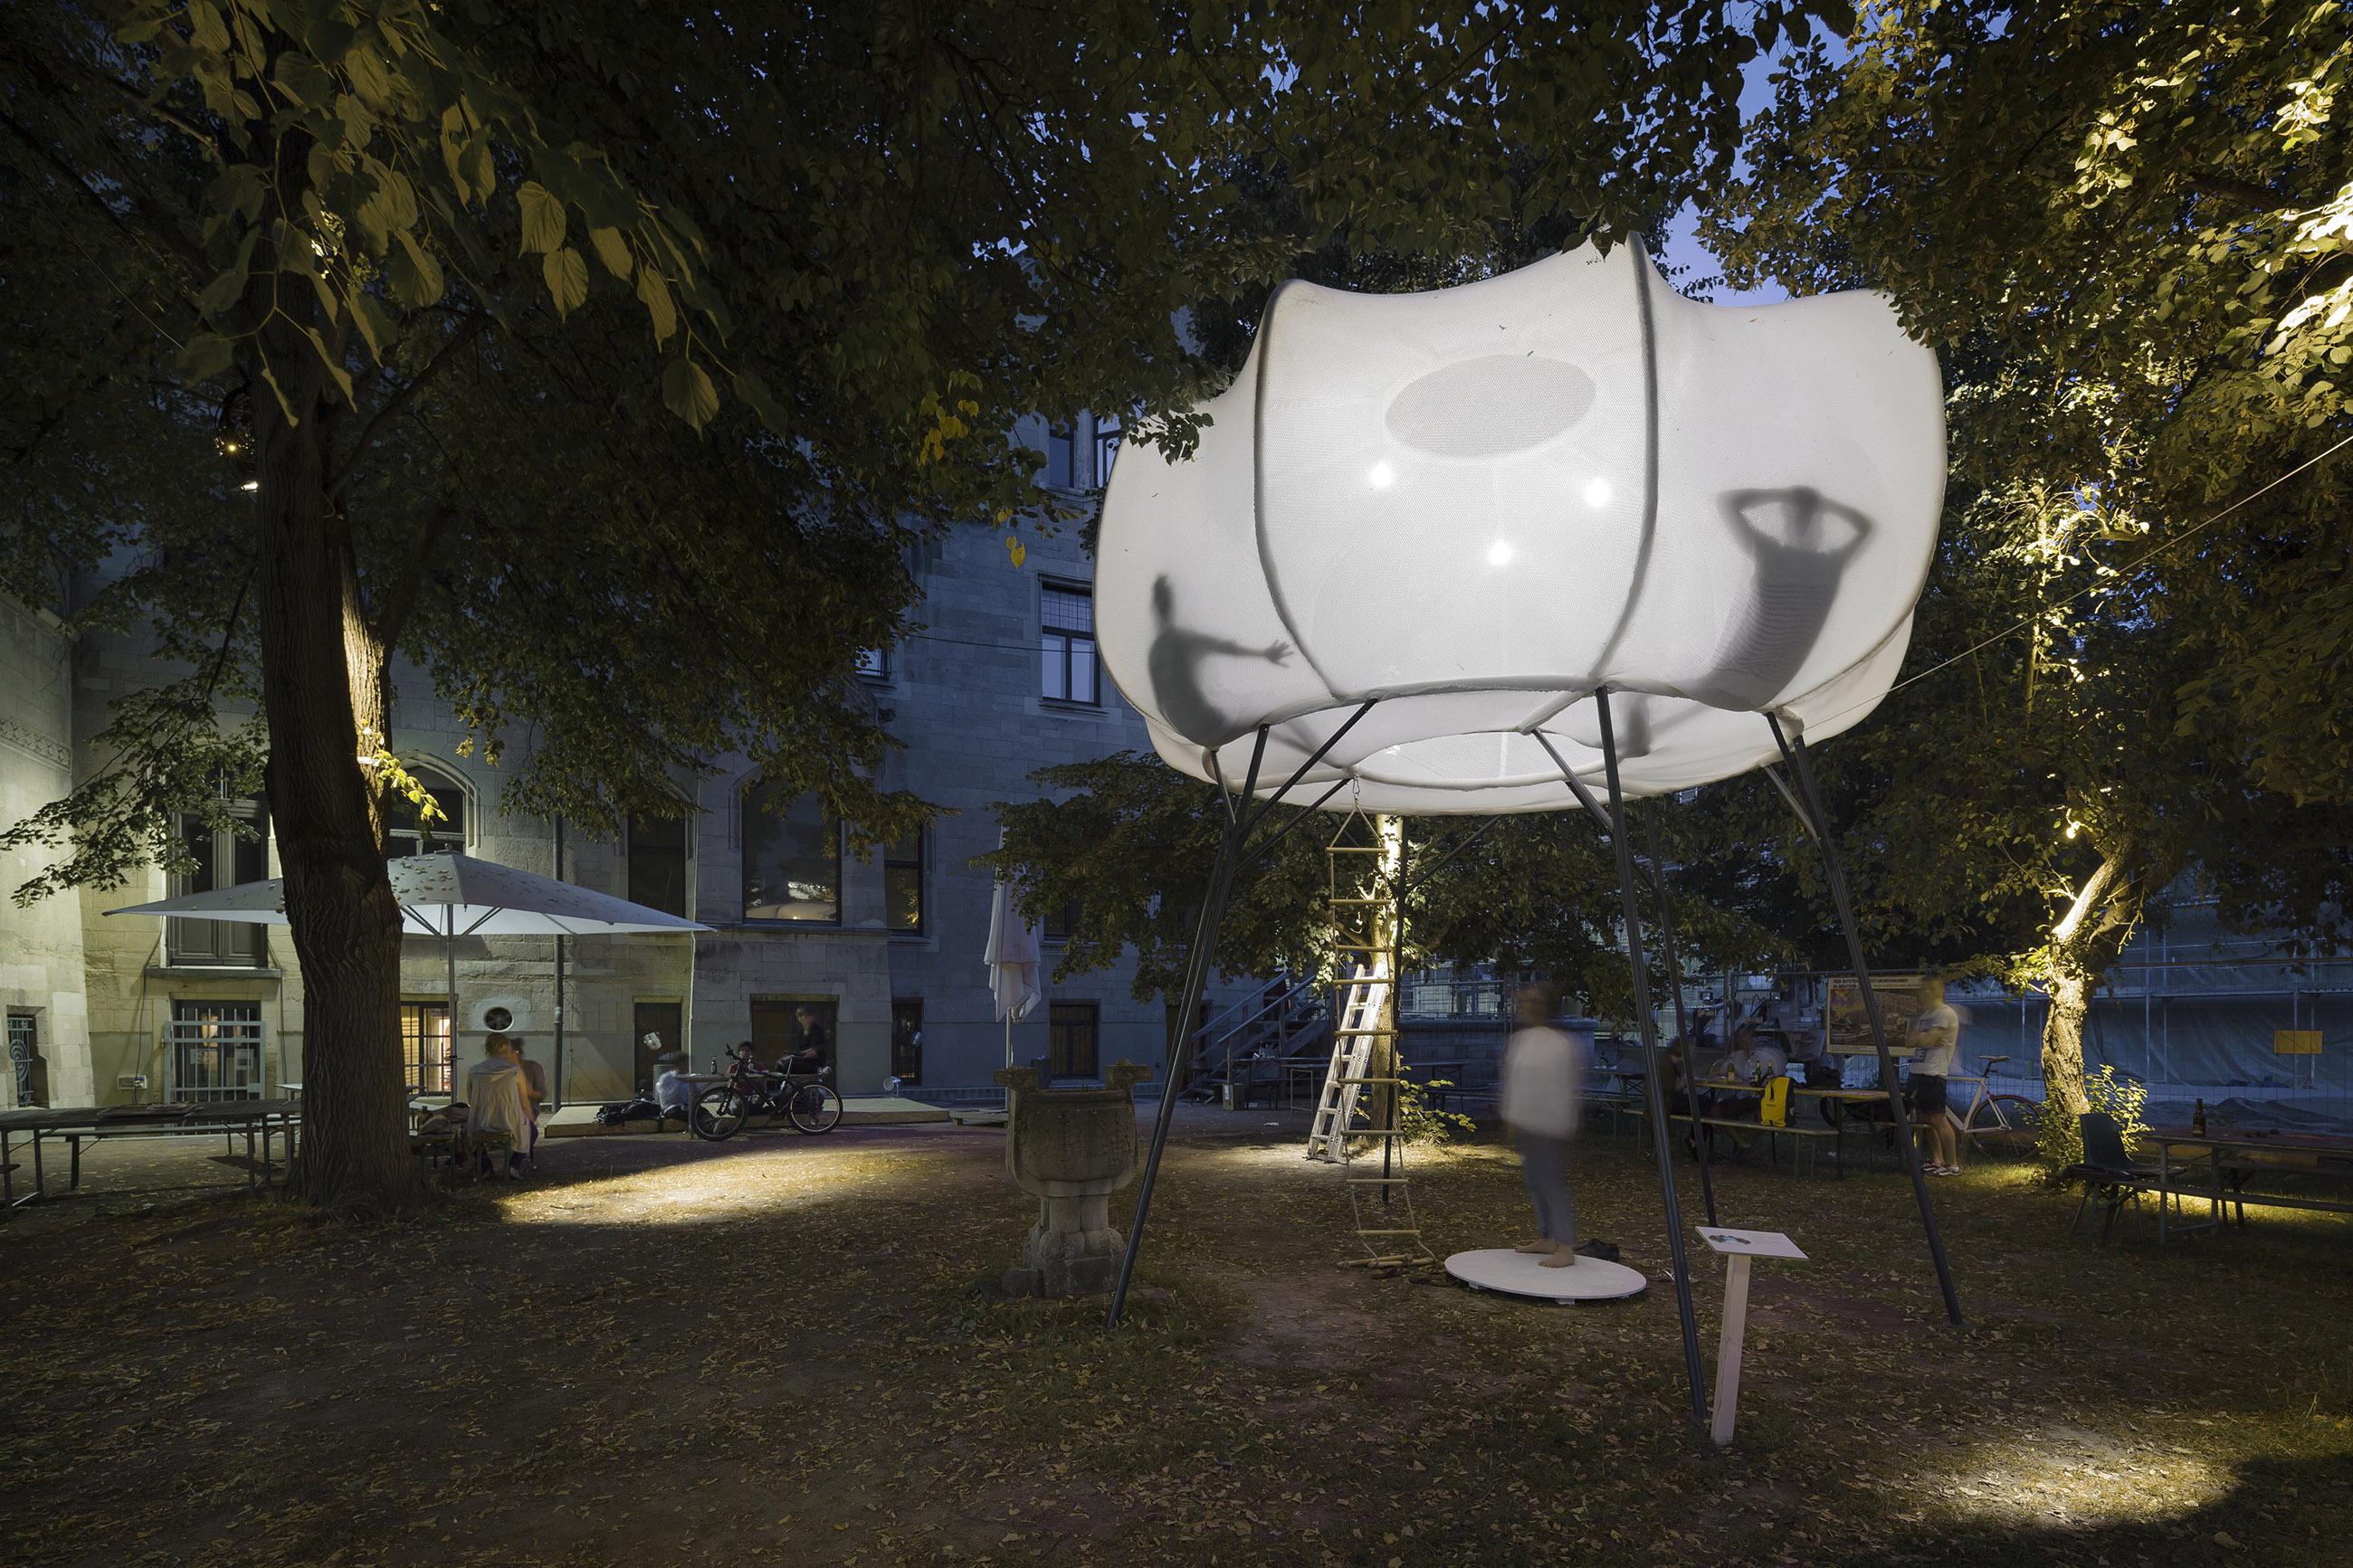 clap-studio-cumulus-art-installation-experience-ux